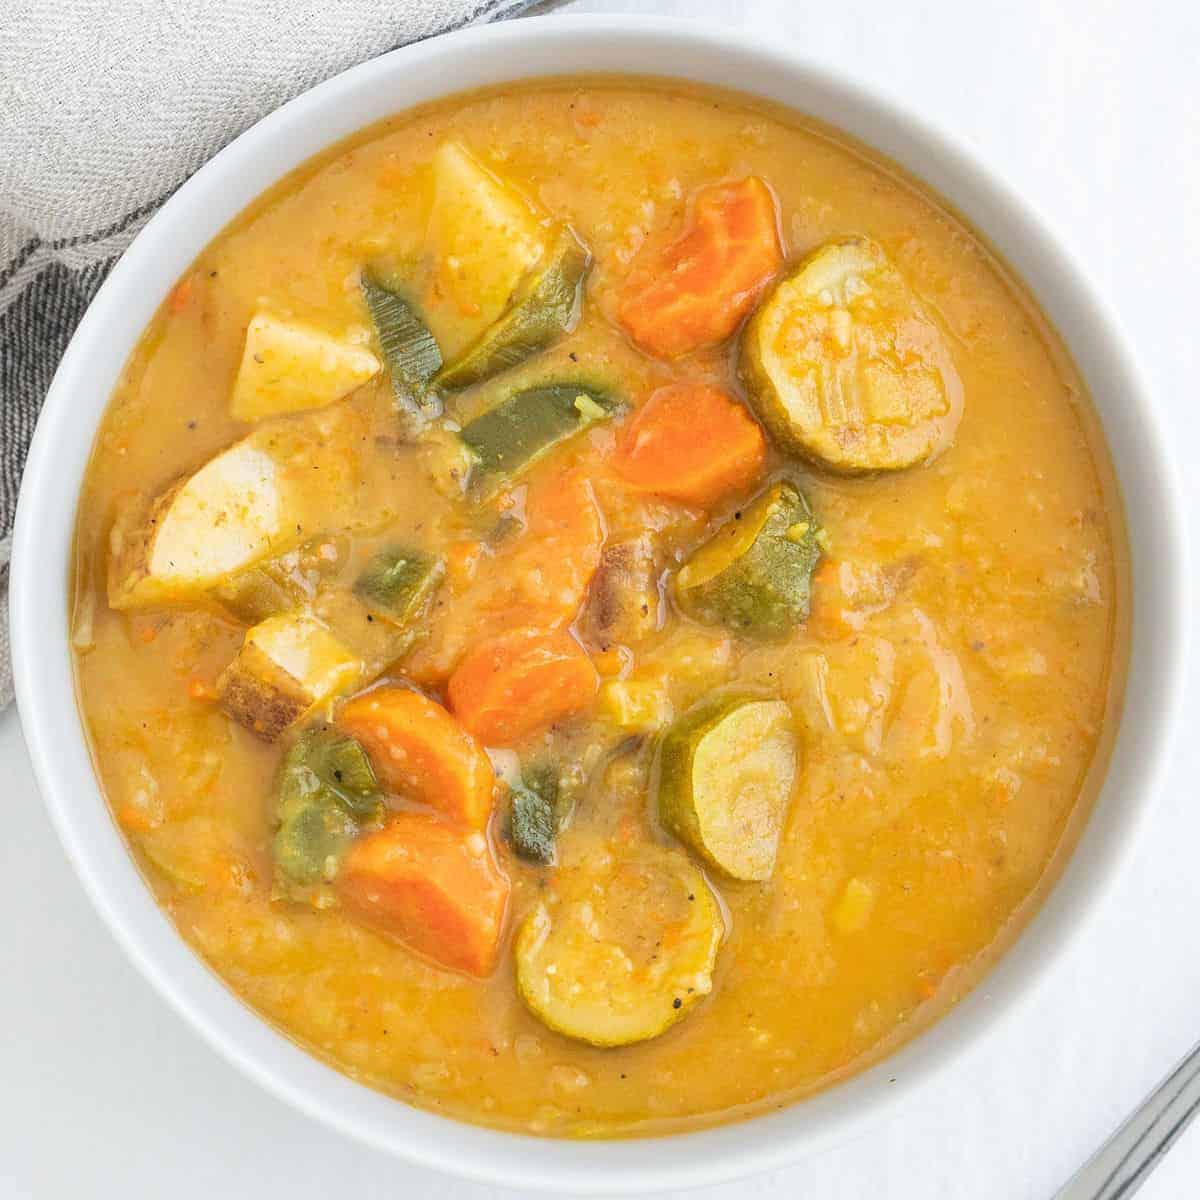 Healthy & Easy Leek and Potato Soup